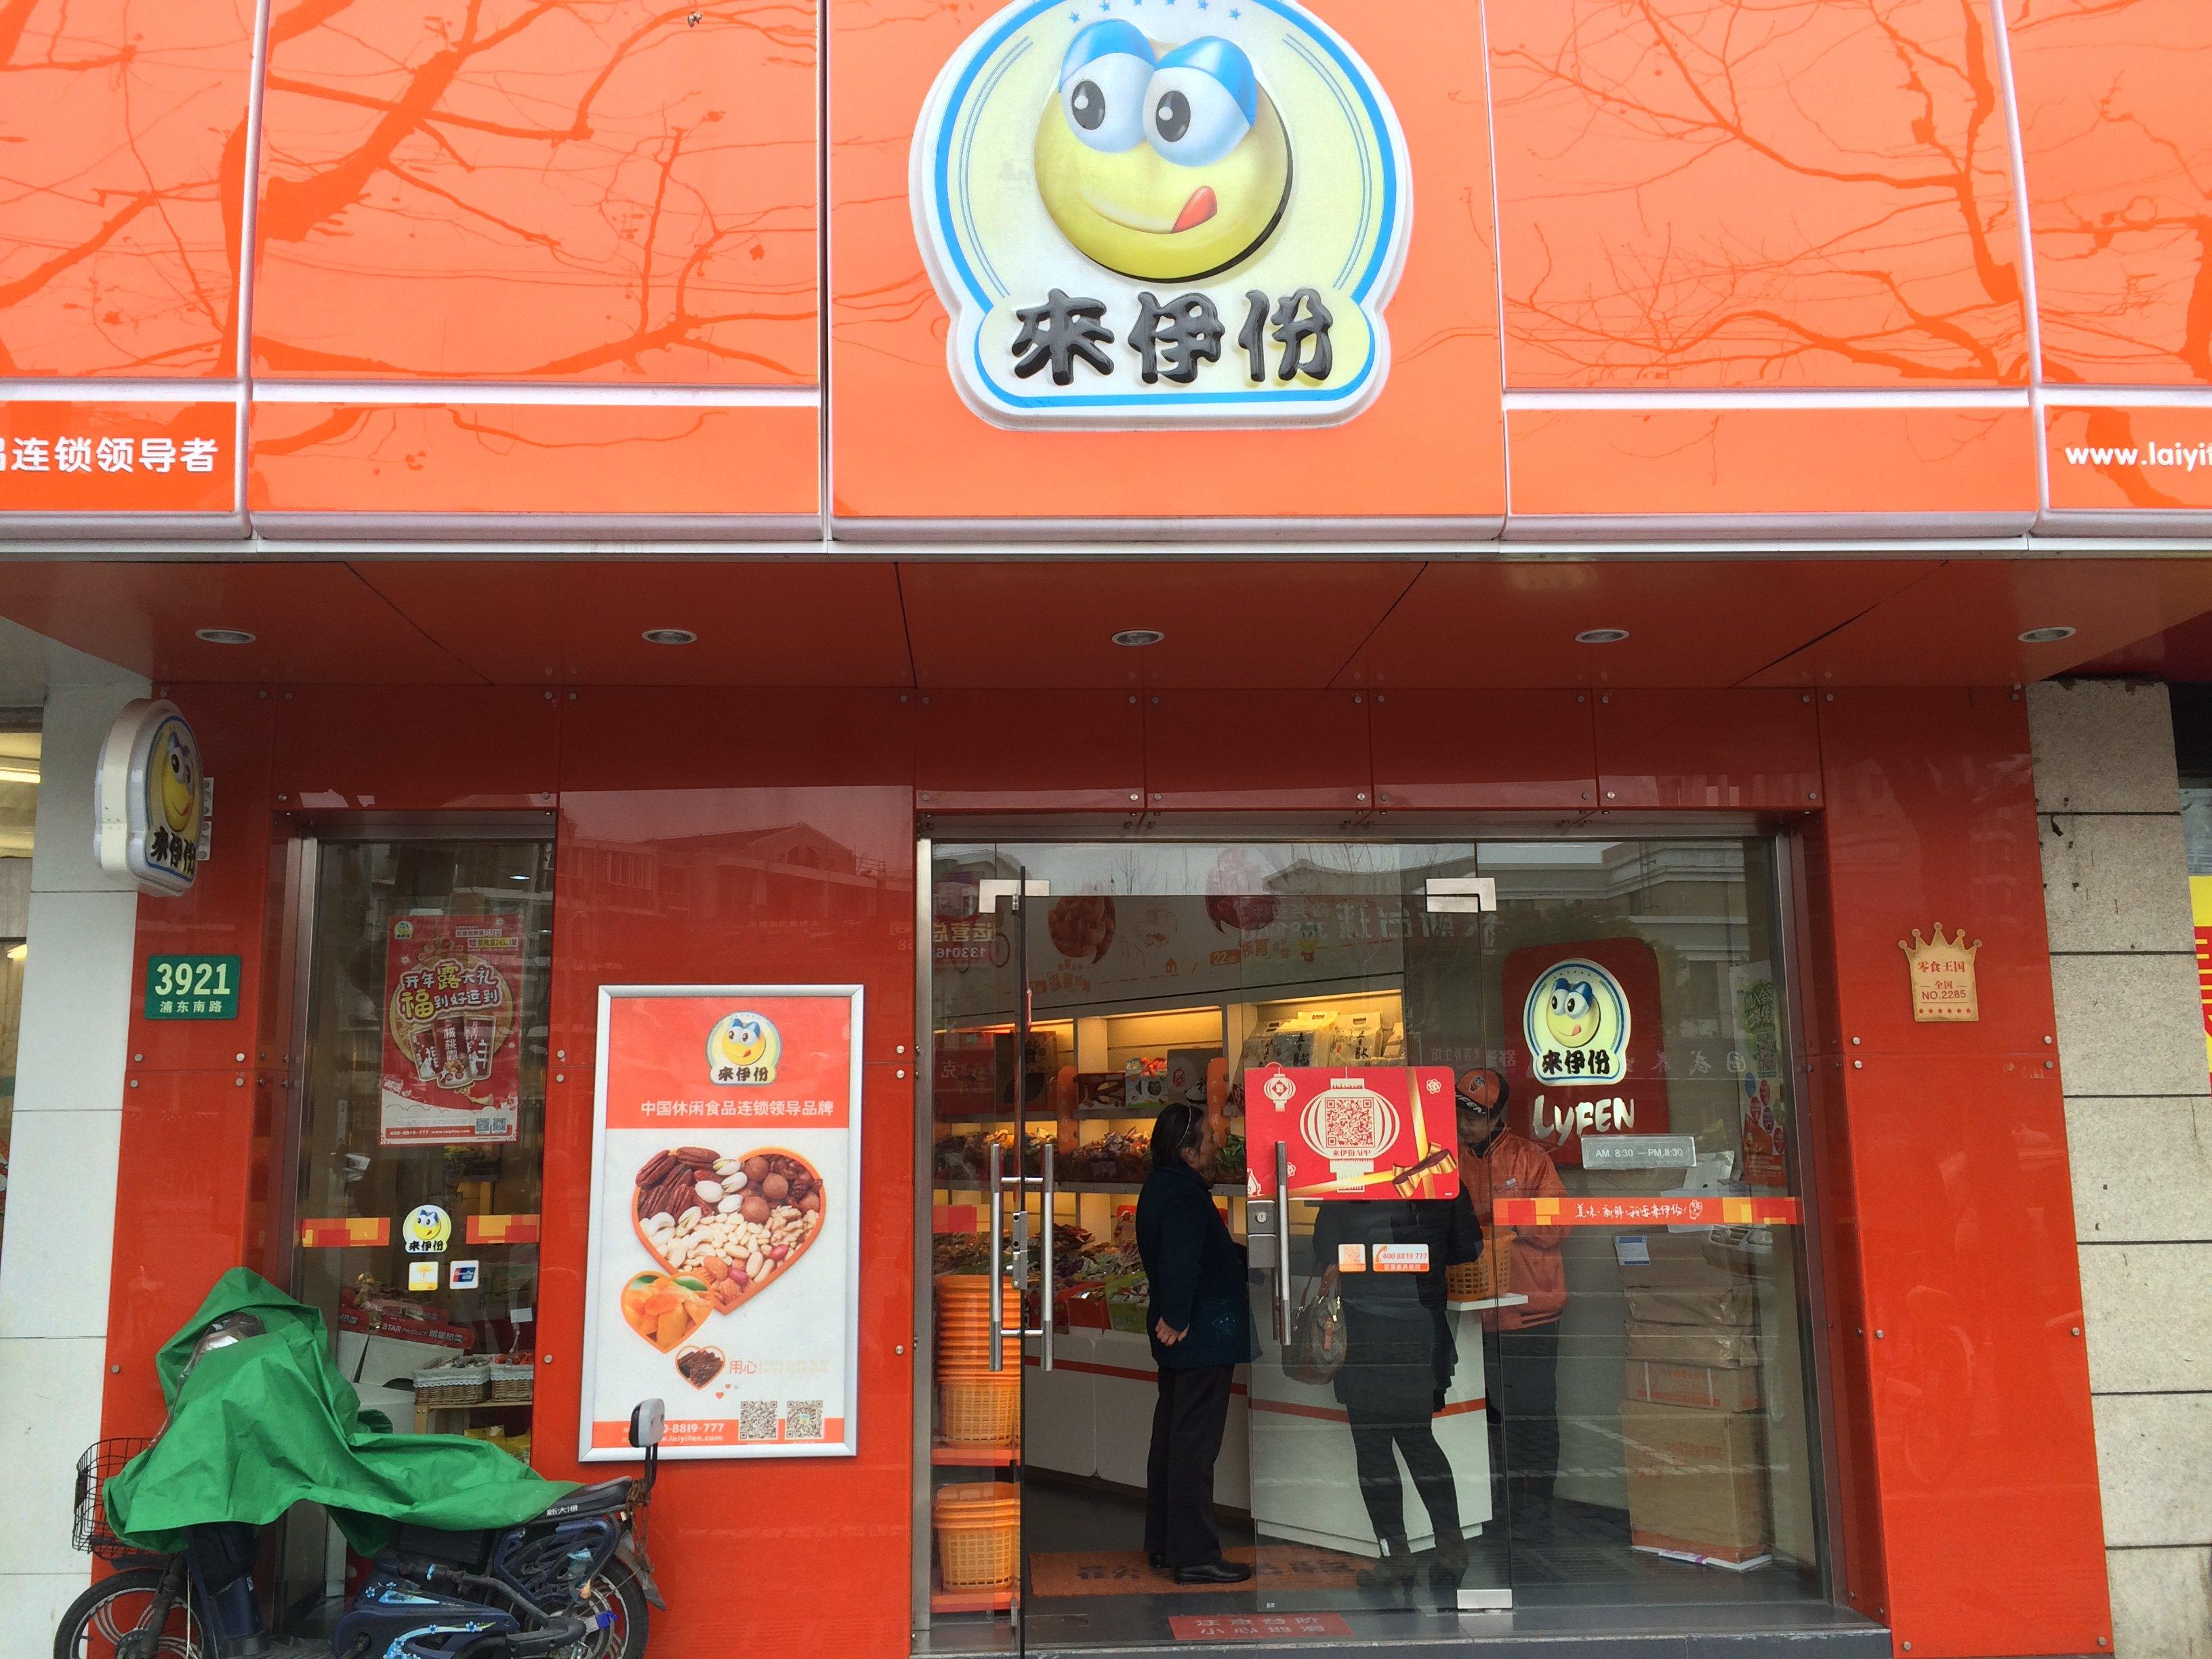 【携程攻略】上海来伊份(浦东南路店)餐馆图片